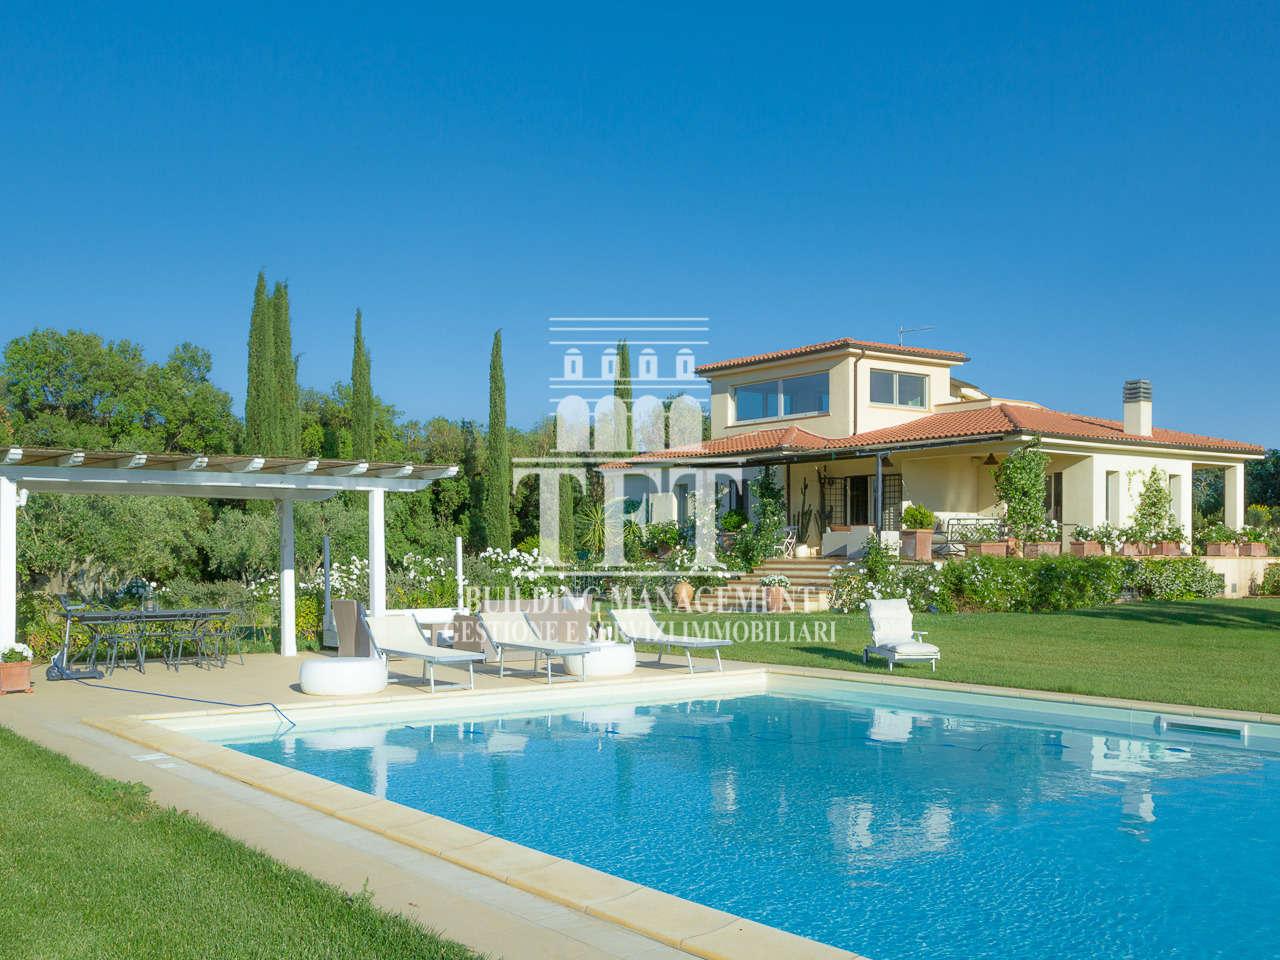 Villa in vendita a Montalto di Castro, 13 locali, Trattative riservate | CambioCasa.it